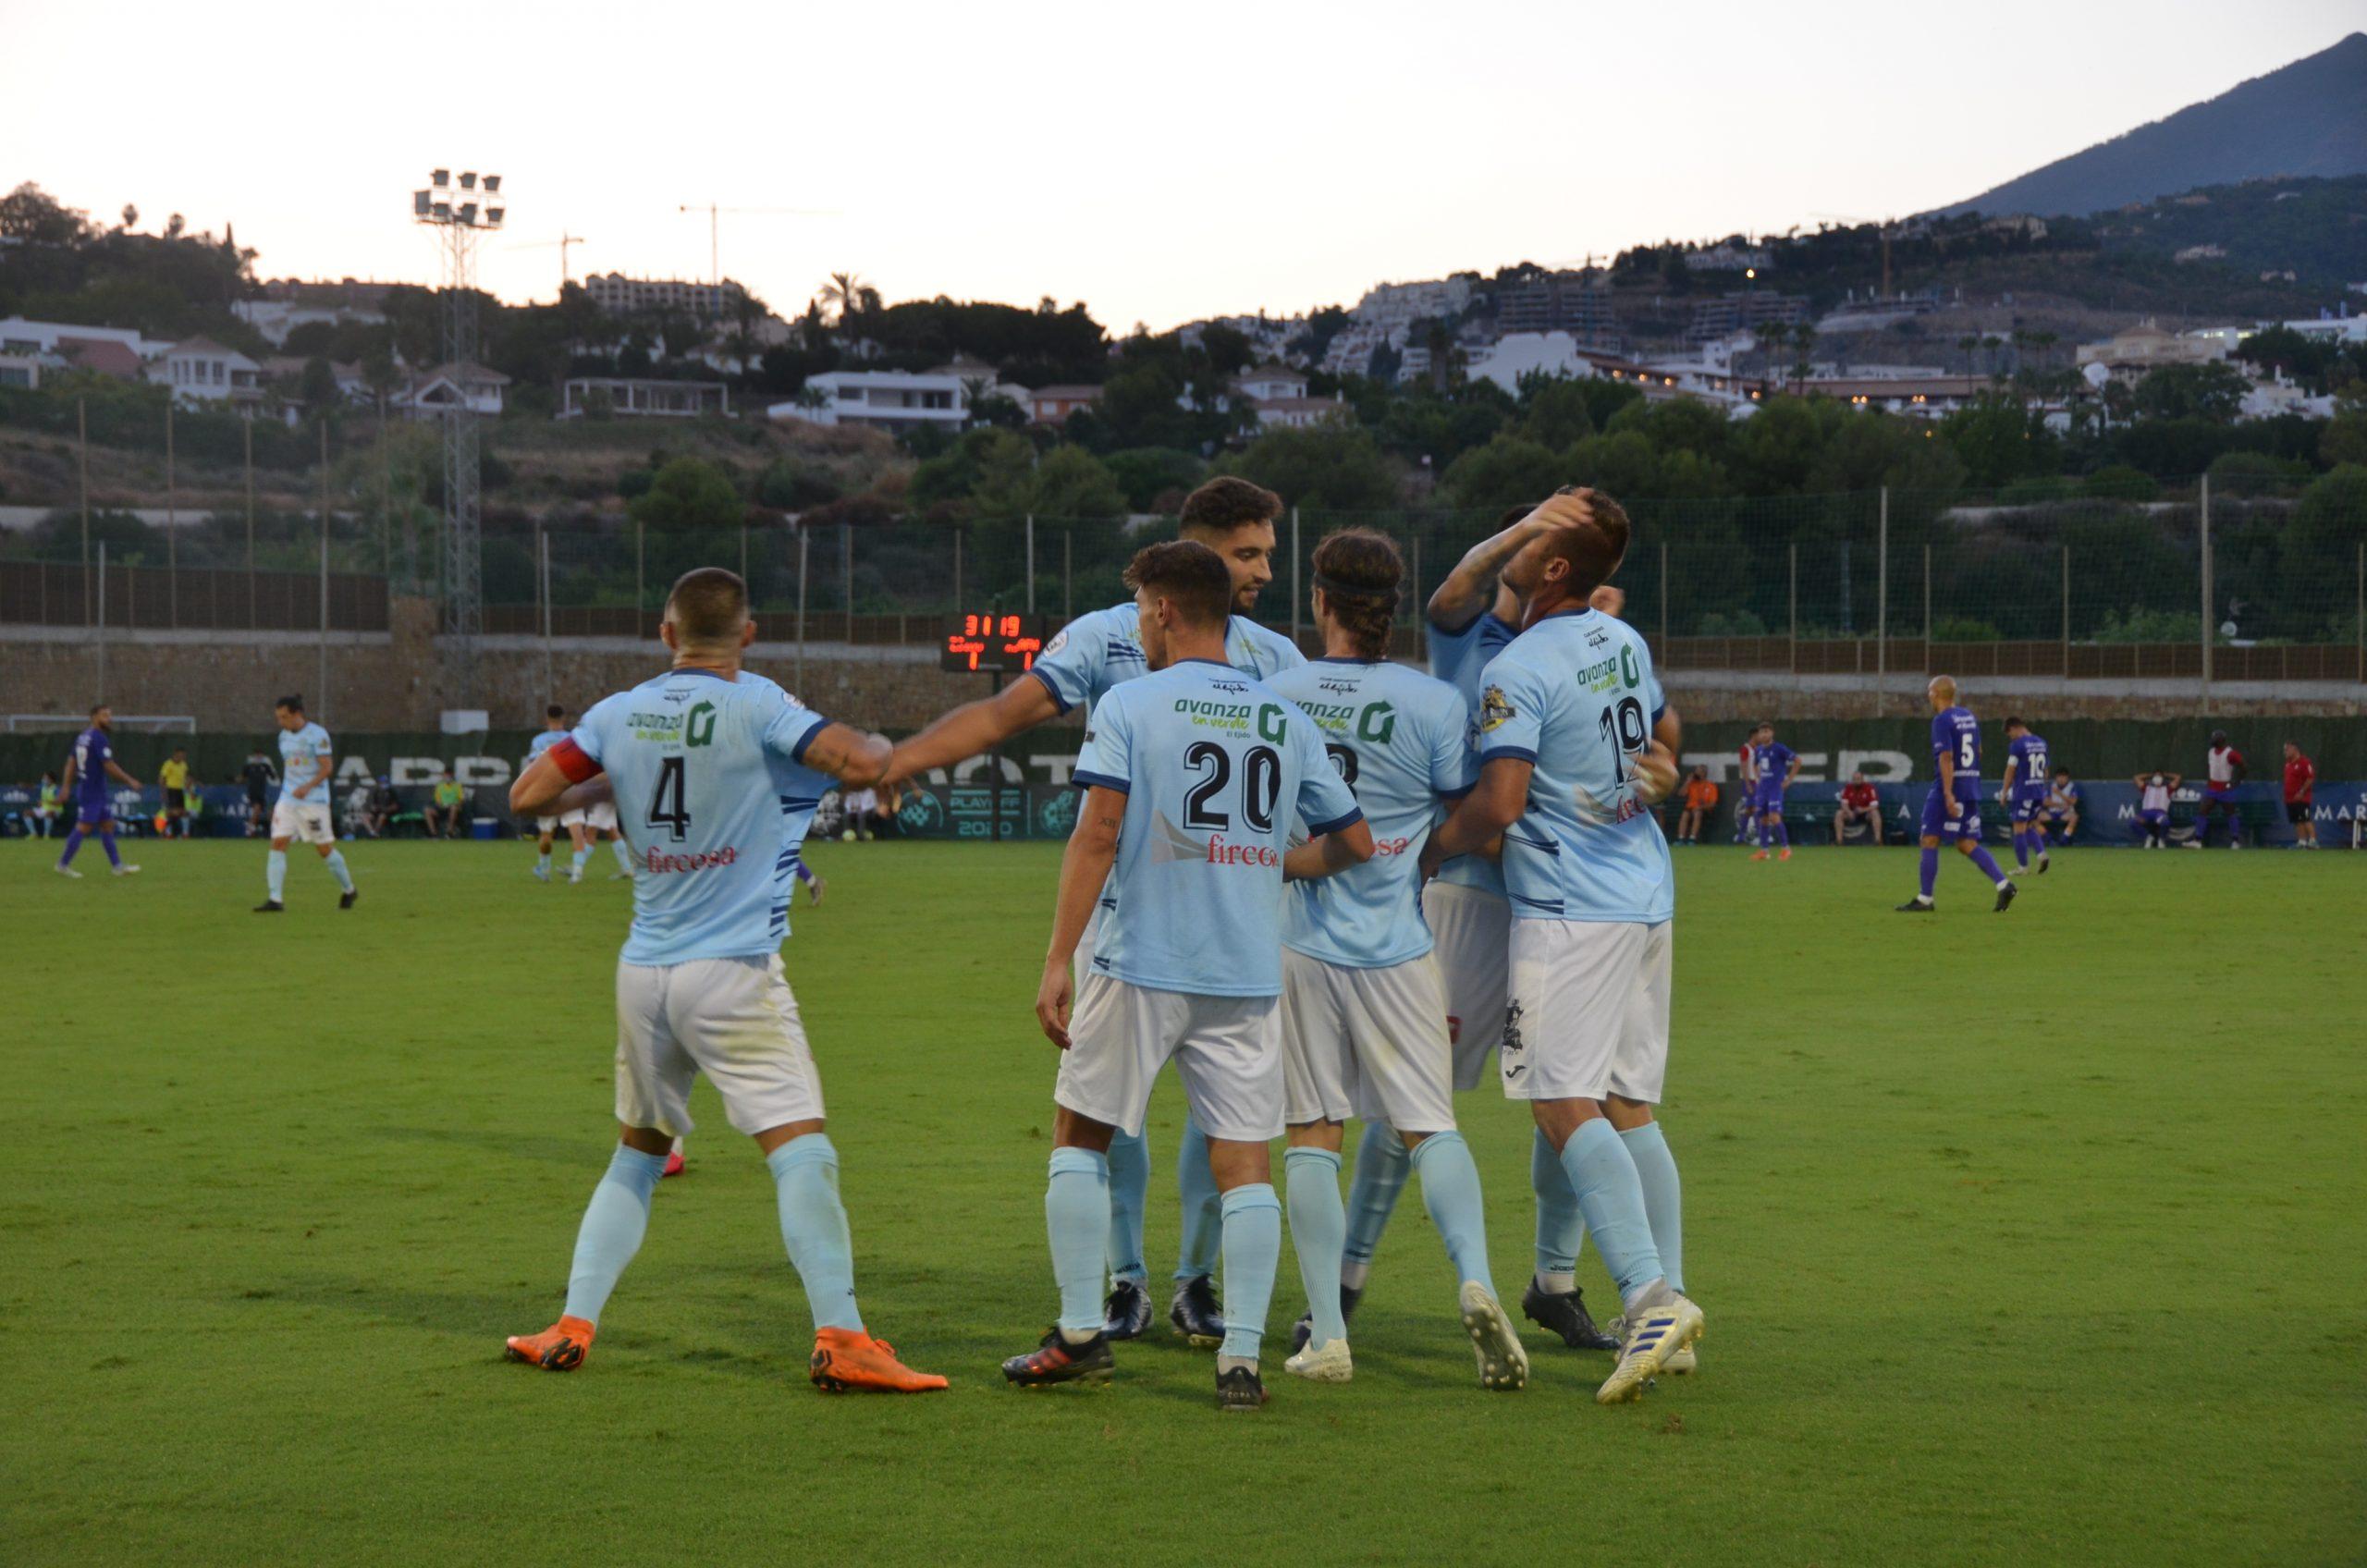 El Club Deportivo El Ejido regresa a base de fútbol total a la Segunda División B tras empatar a un gol en una final muy intensa